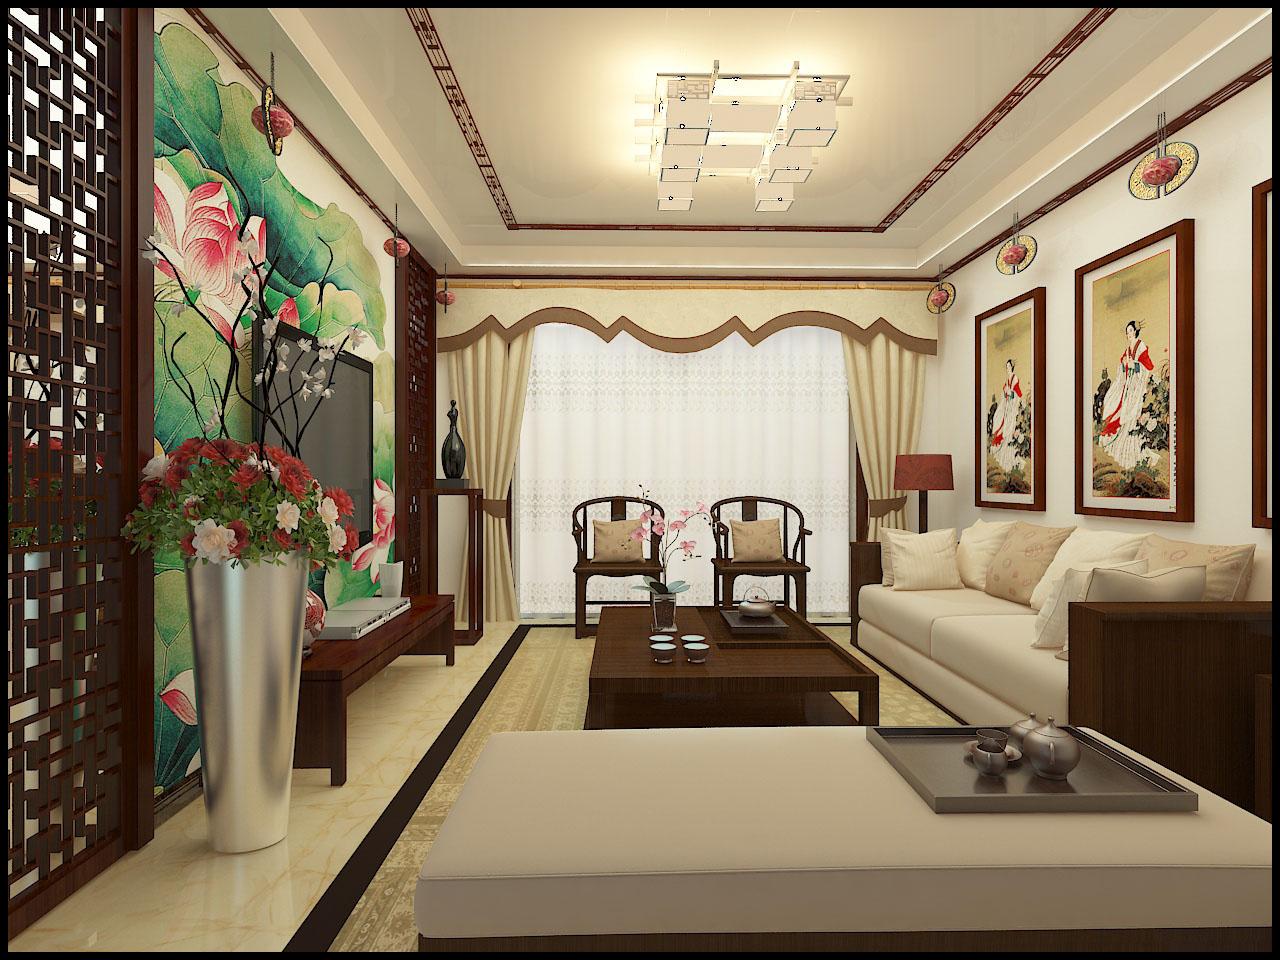 林都玉苑104中式装修-绘本蓝图室内设计